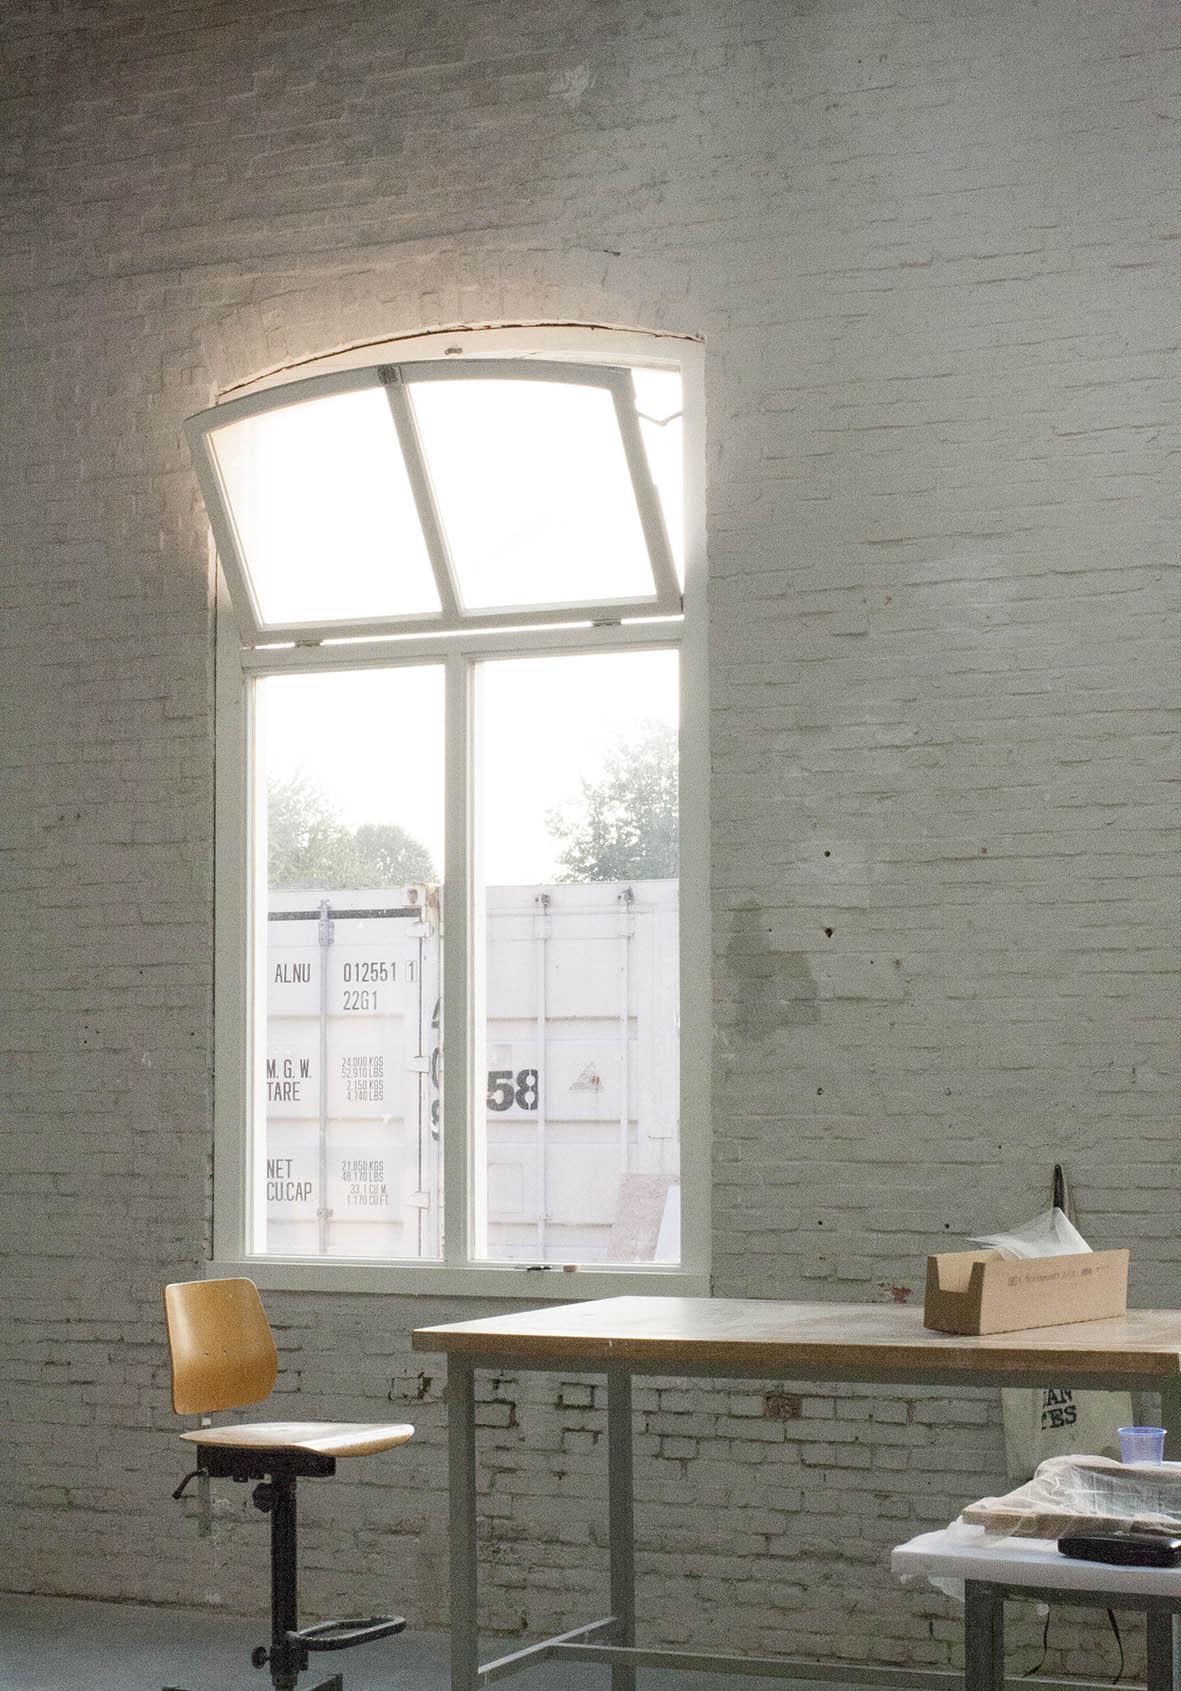 EKWC está ubicado en un edificio que fué una antigua curtimbre, Leerfabriek .  Ésta es una vista de mi estudio hasta noviembre.